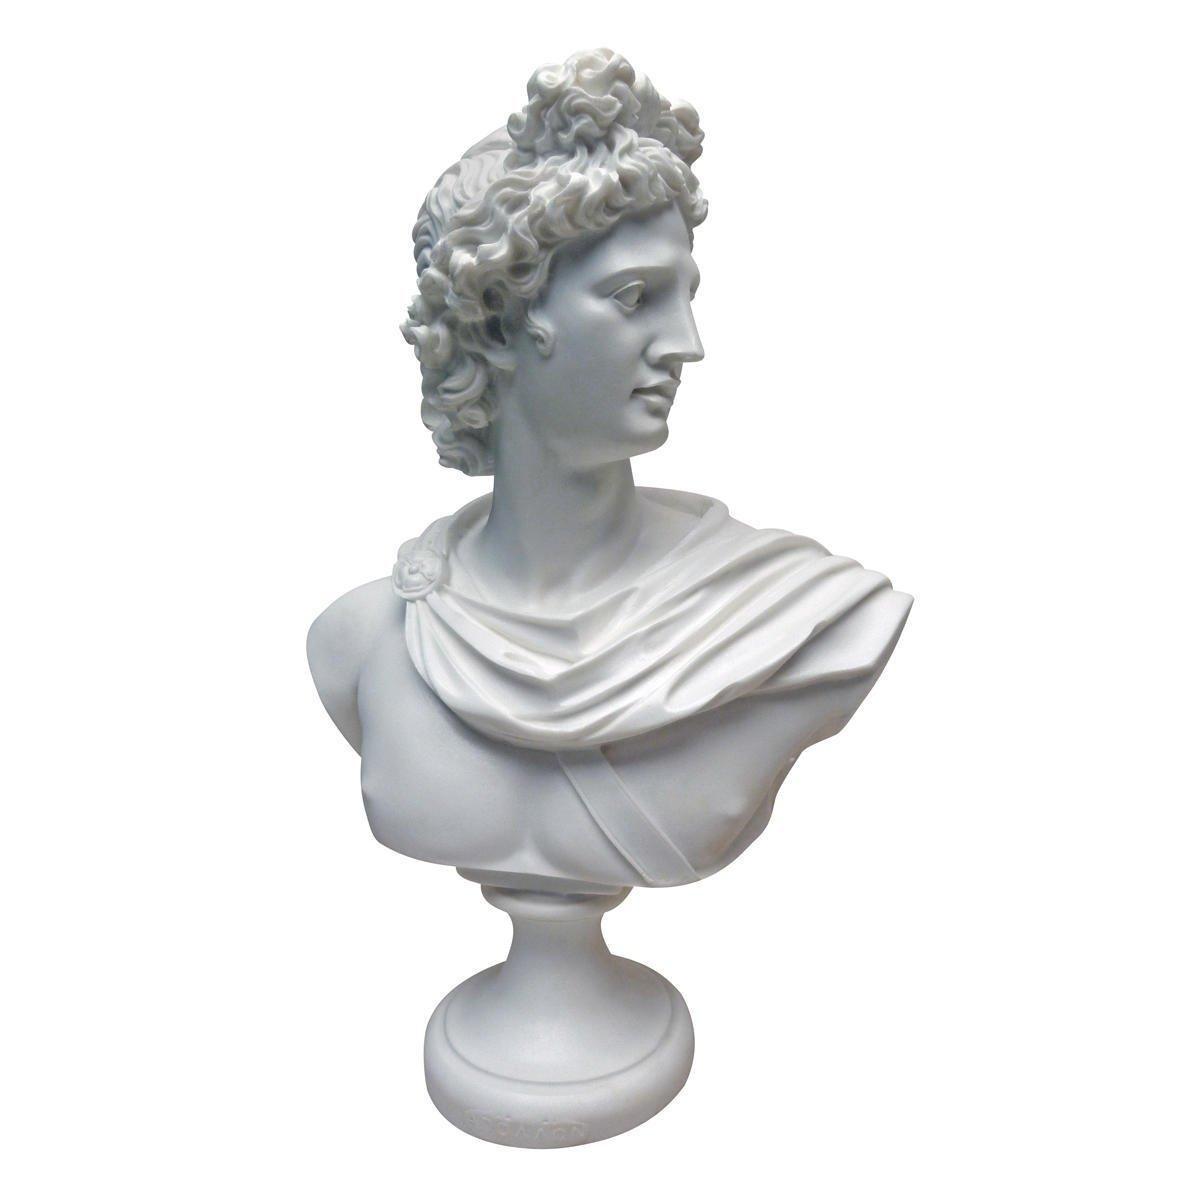 アート インテリア 飾り 彫刻 オブジェ 石像 置物 ギリシャ神話 アポロ